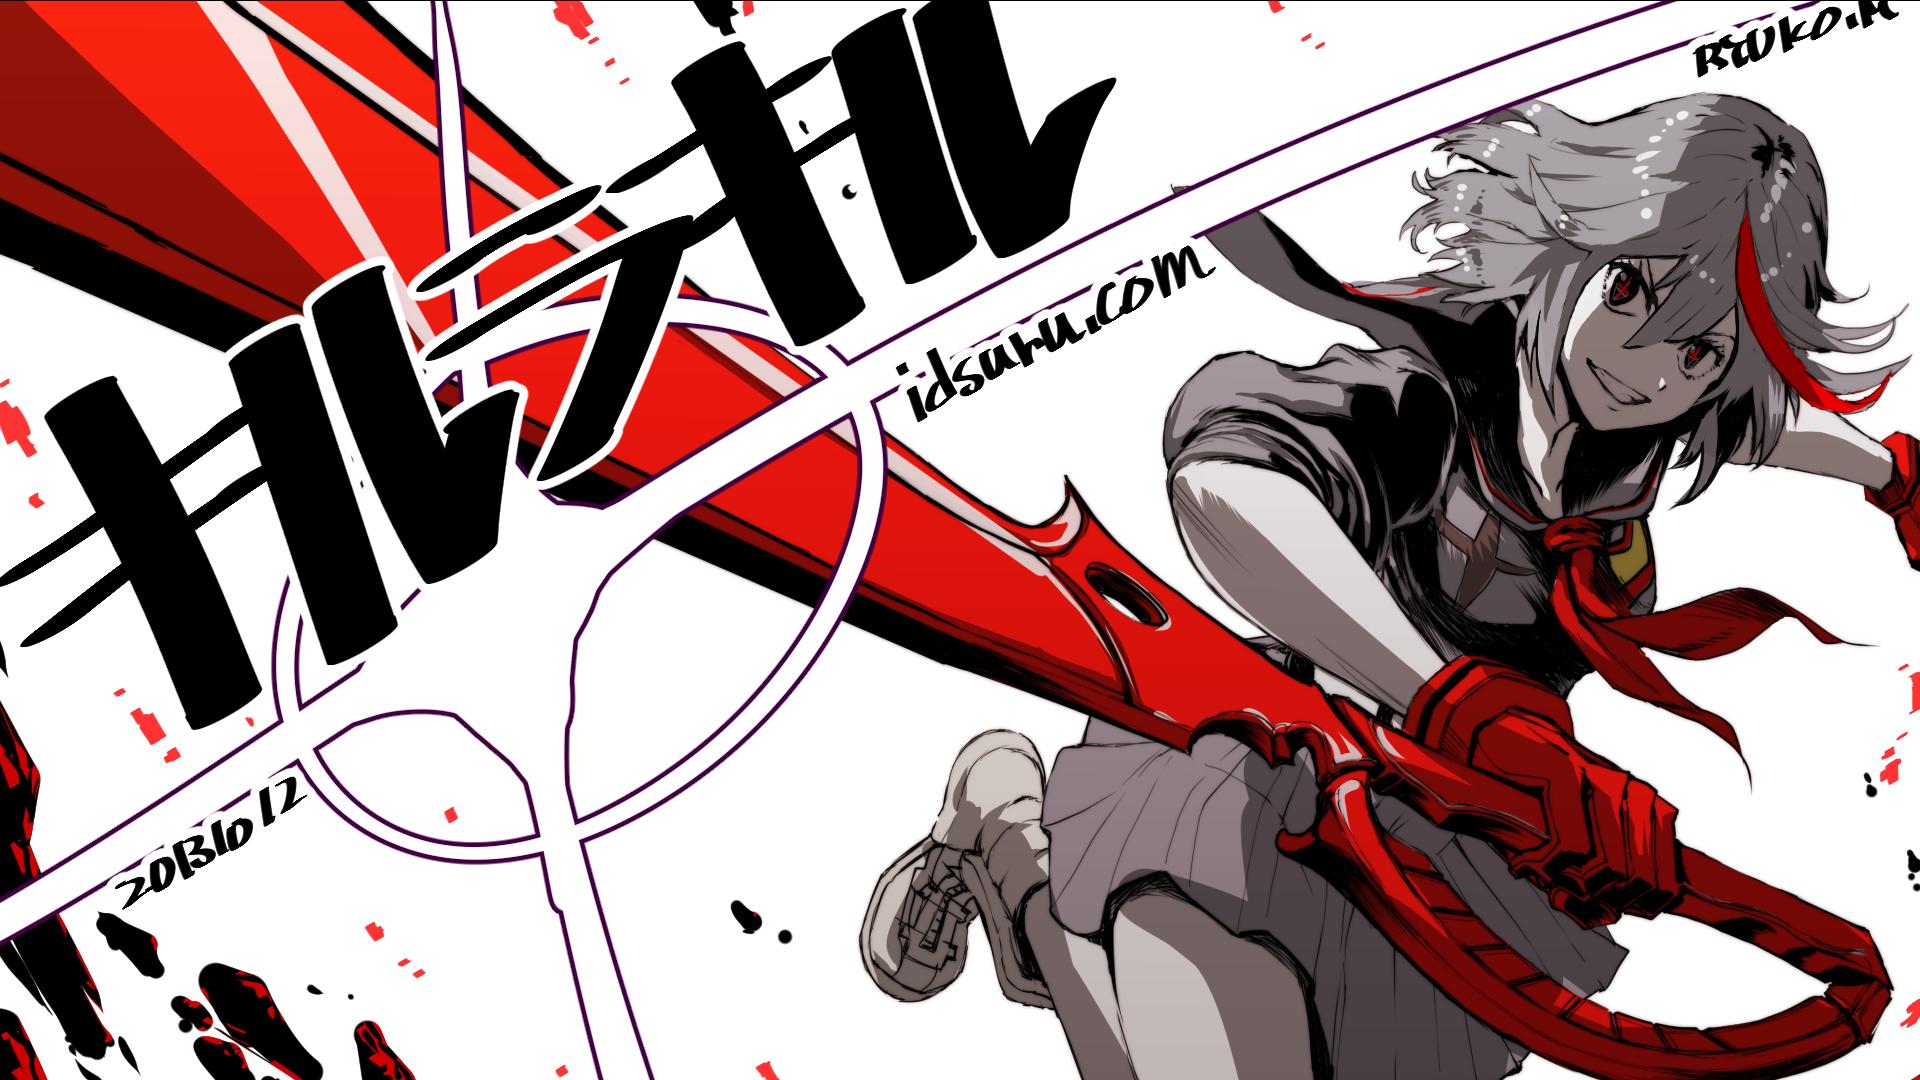 Kill la kill matoi ryuuko watermark wallpaper 1920x1080 163172 1920x1080